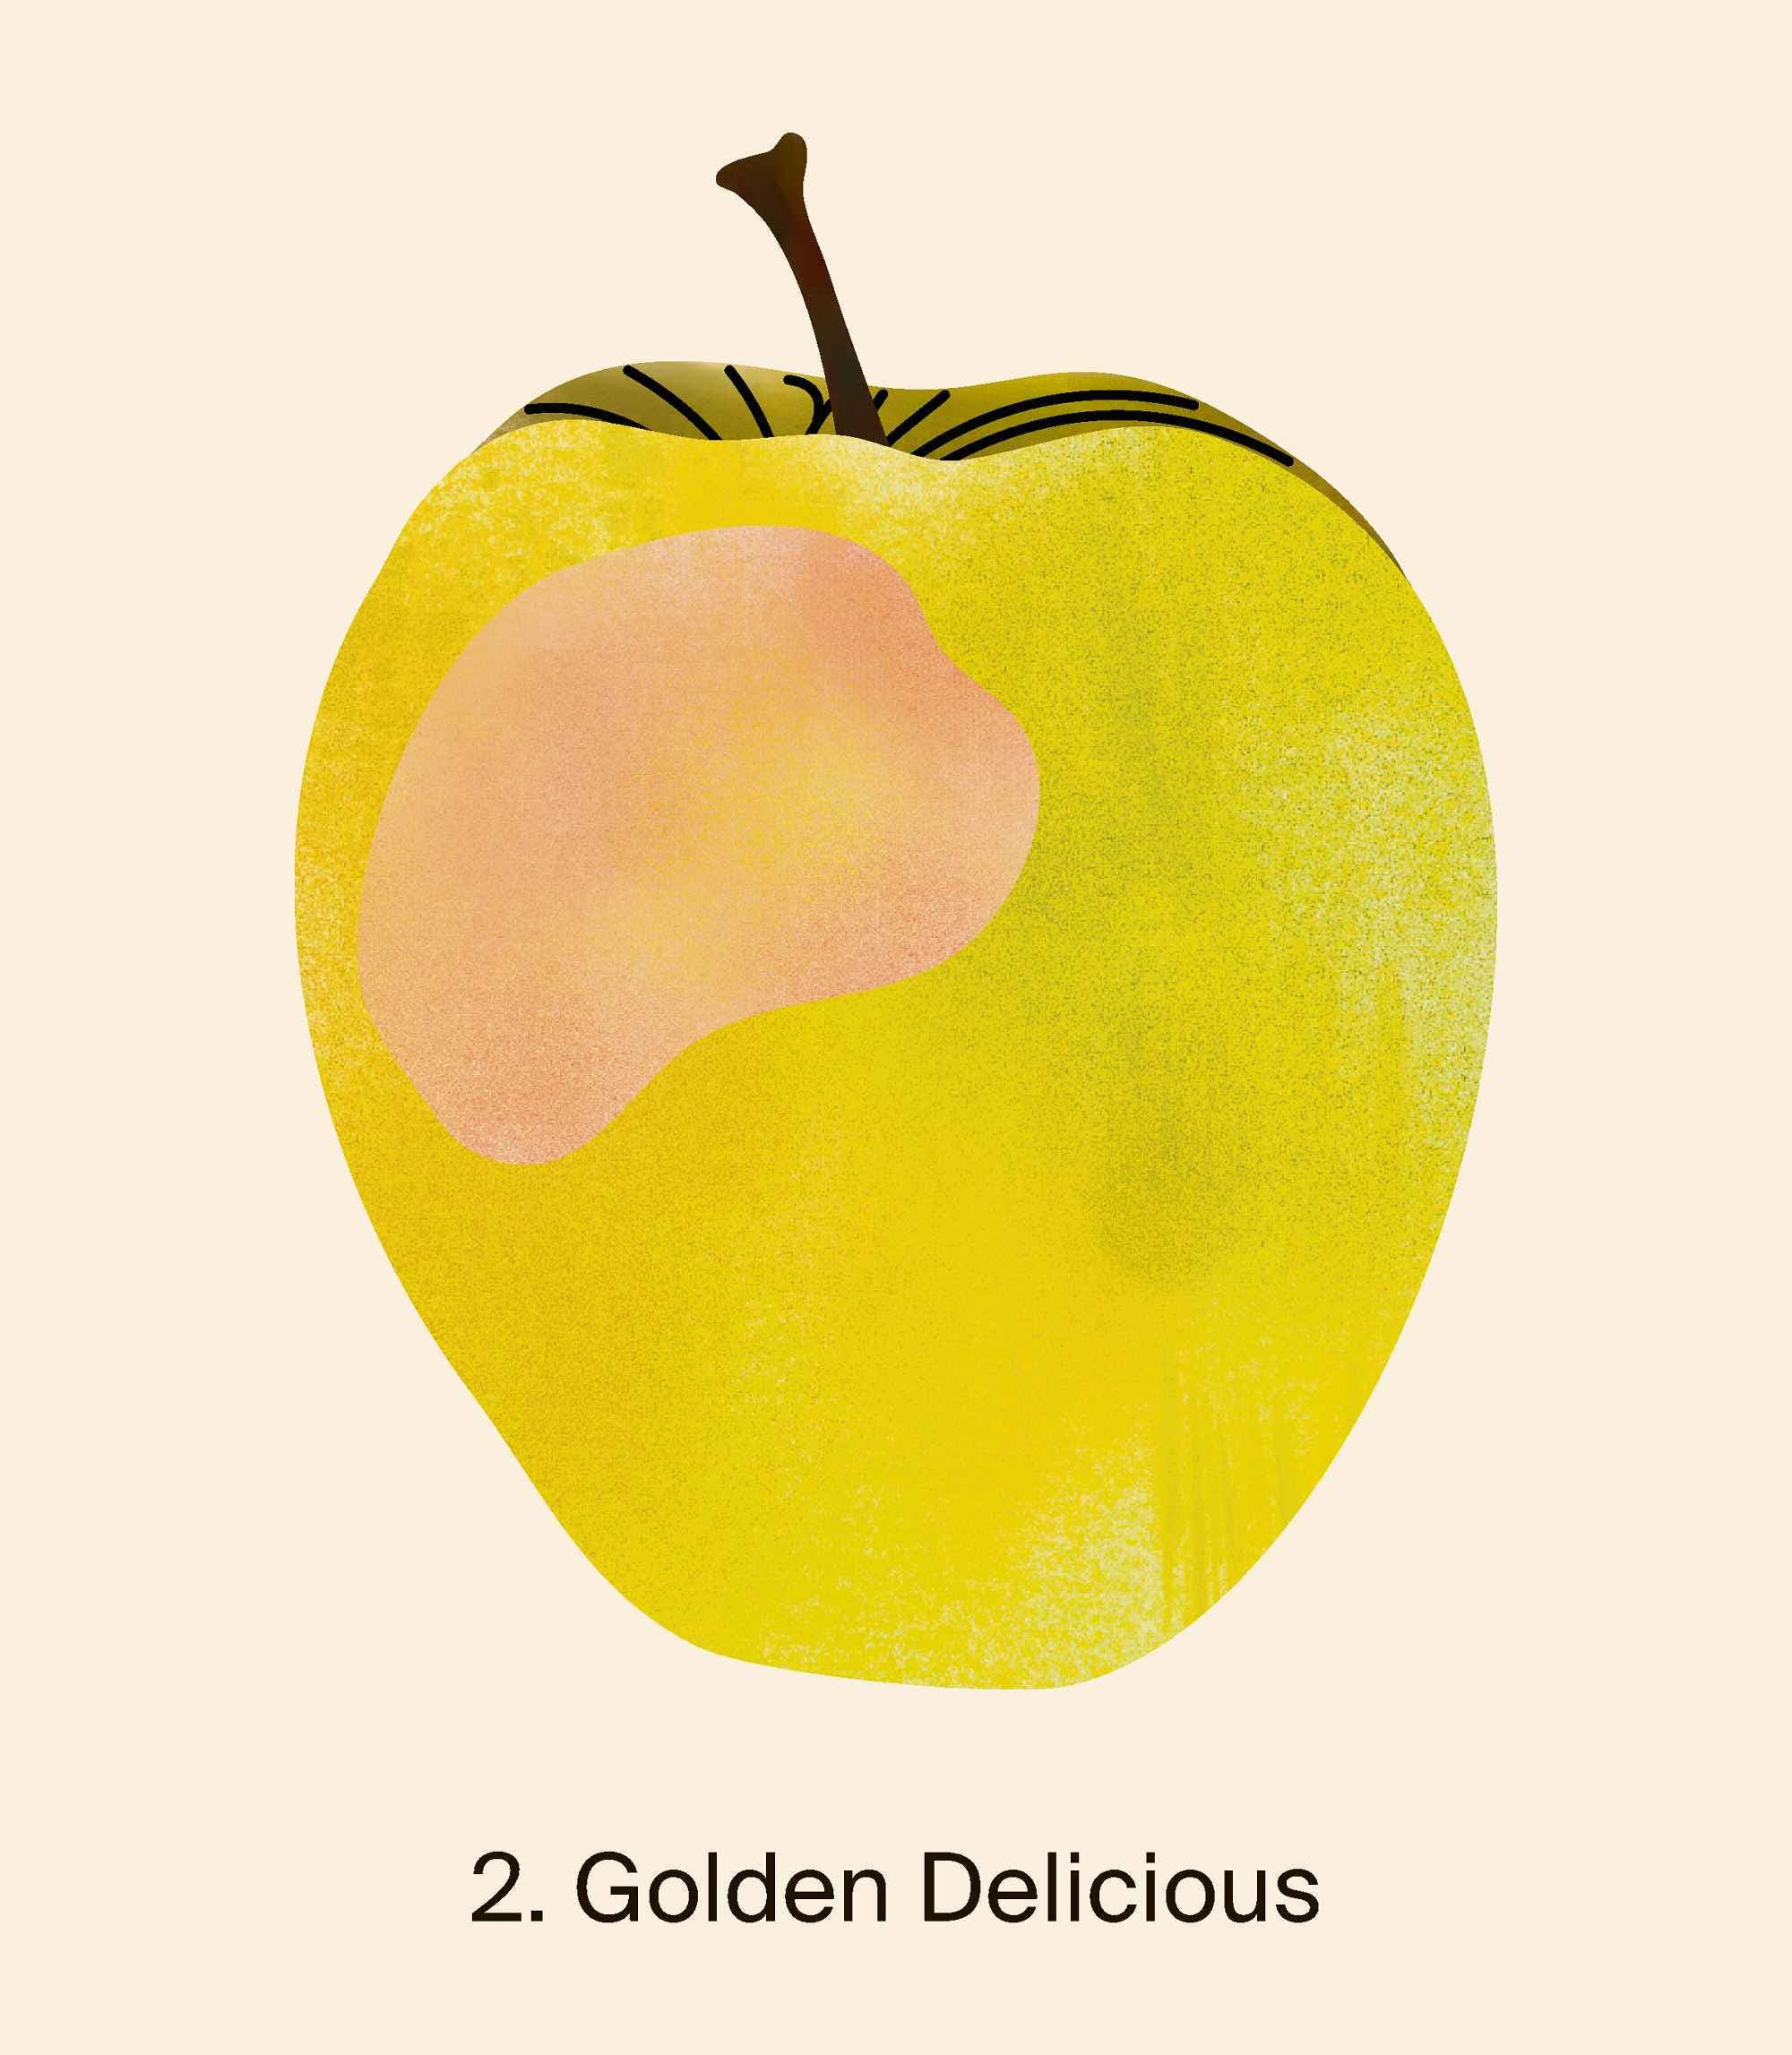 Auf Platz zwei waren letztes Jahr Golden Delicious-Äpfel mit 24 290 Tonnen. Quelle: Naturmuseum St. Gallen